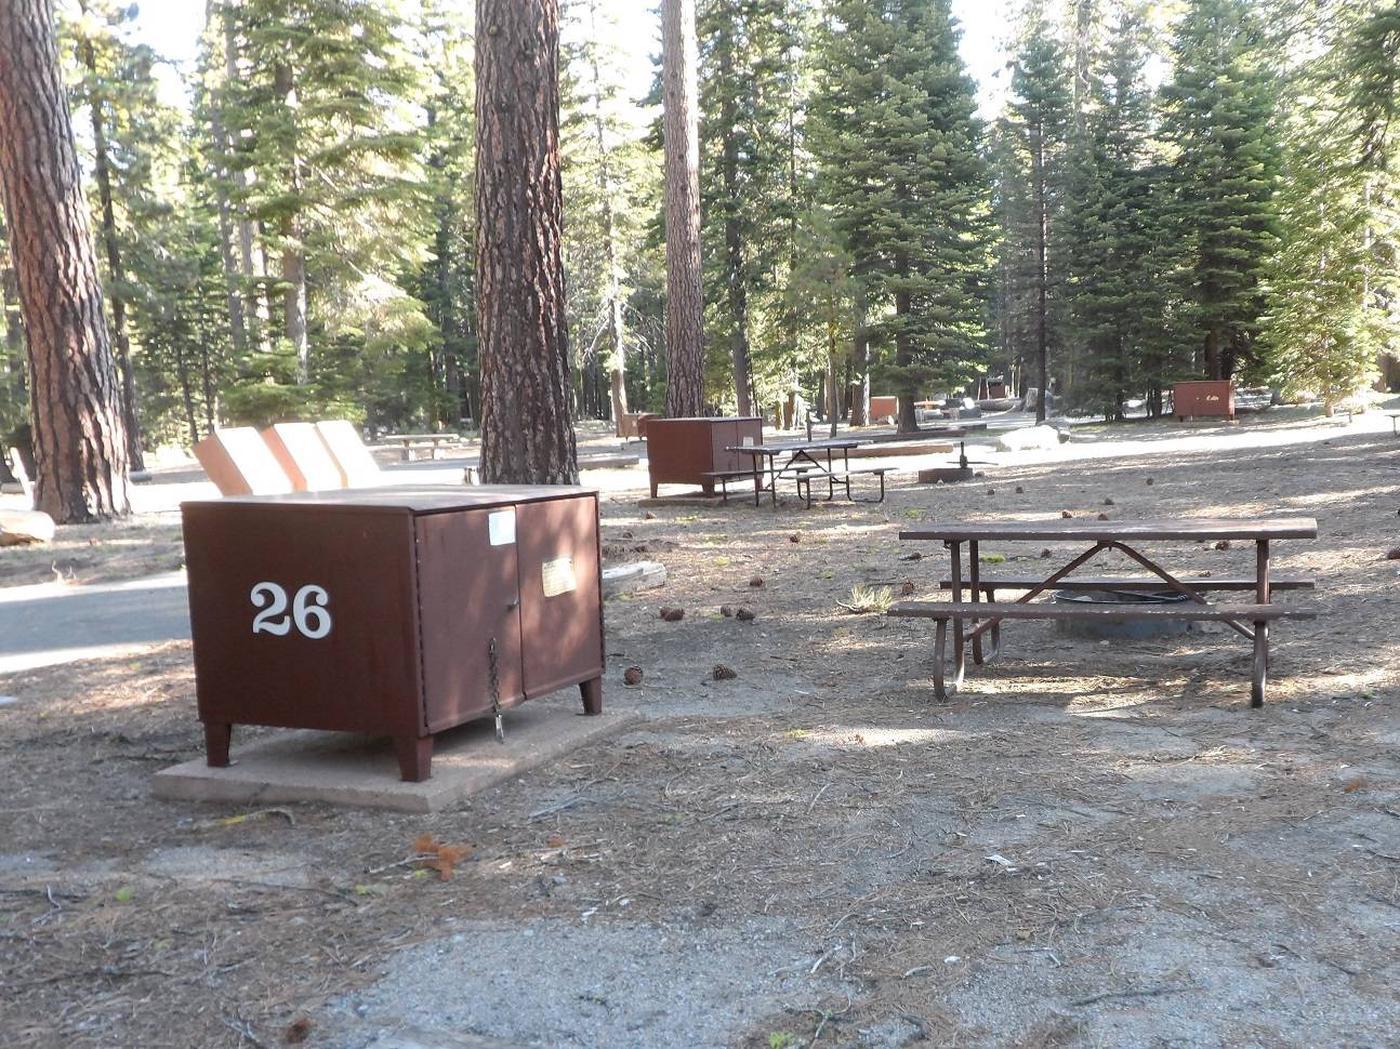 B26Manzanita Lake Campground, Site B26